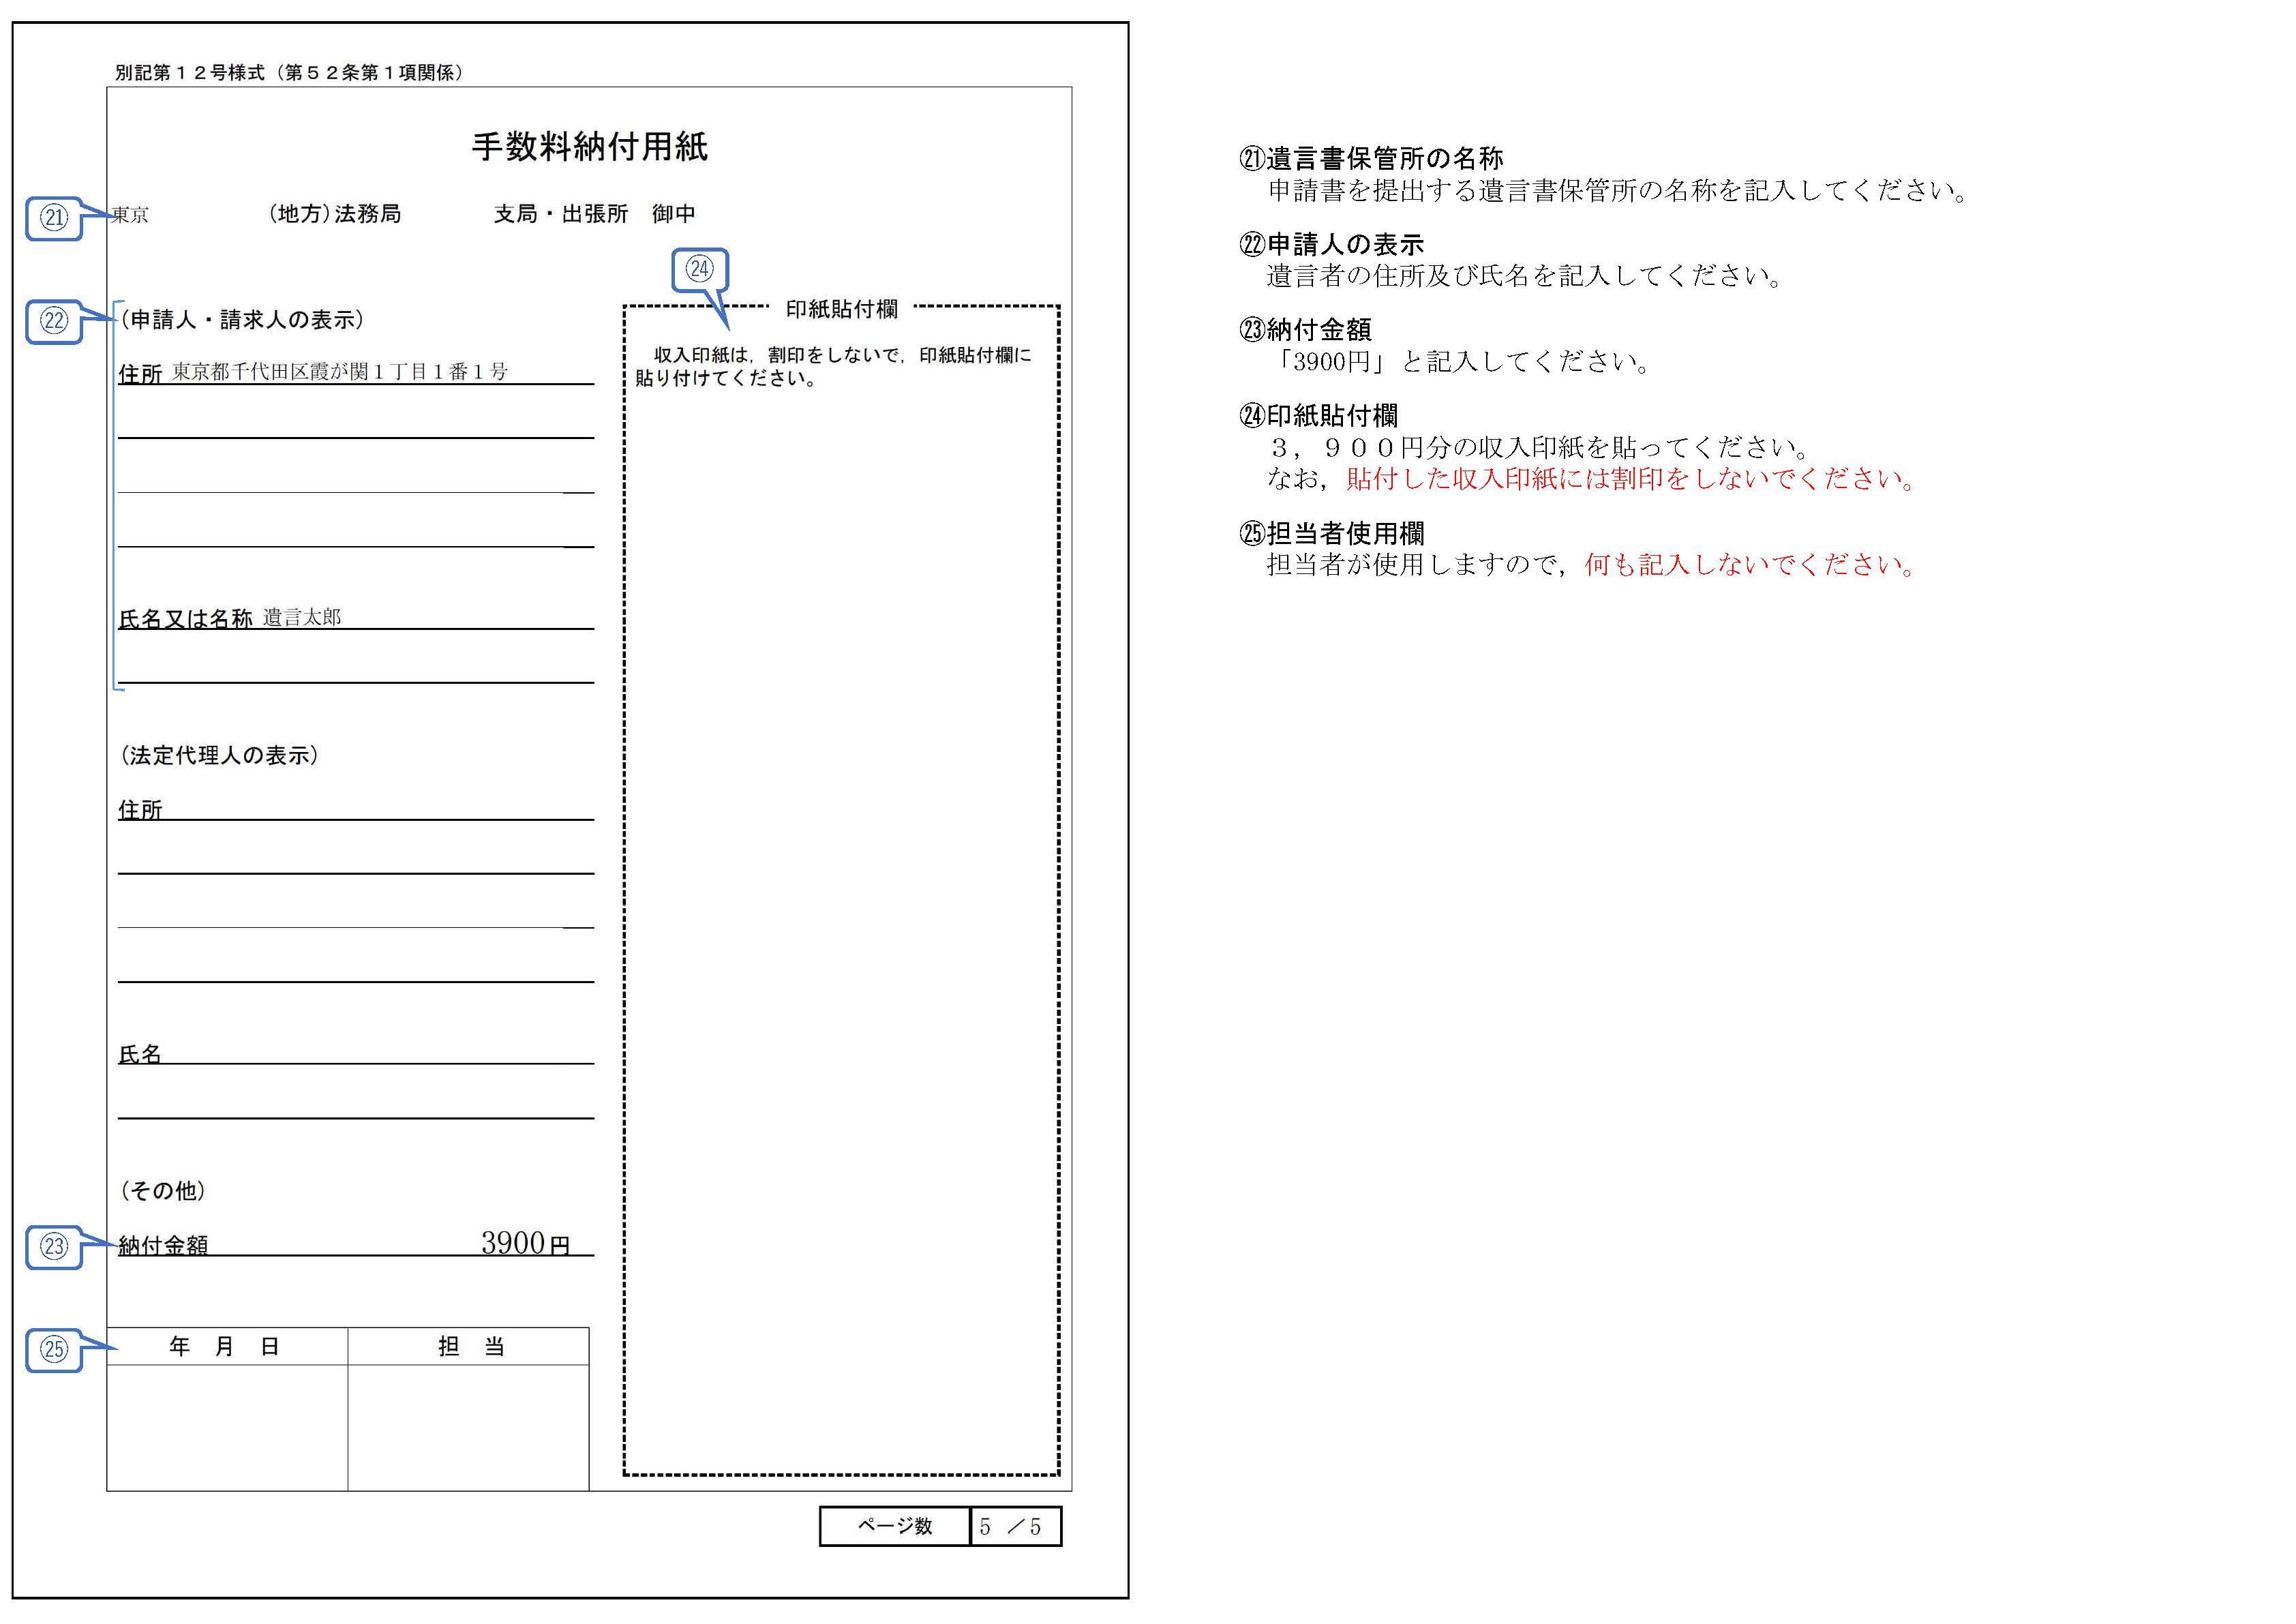 申請書-2-2001321953_ページ_5